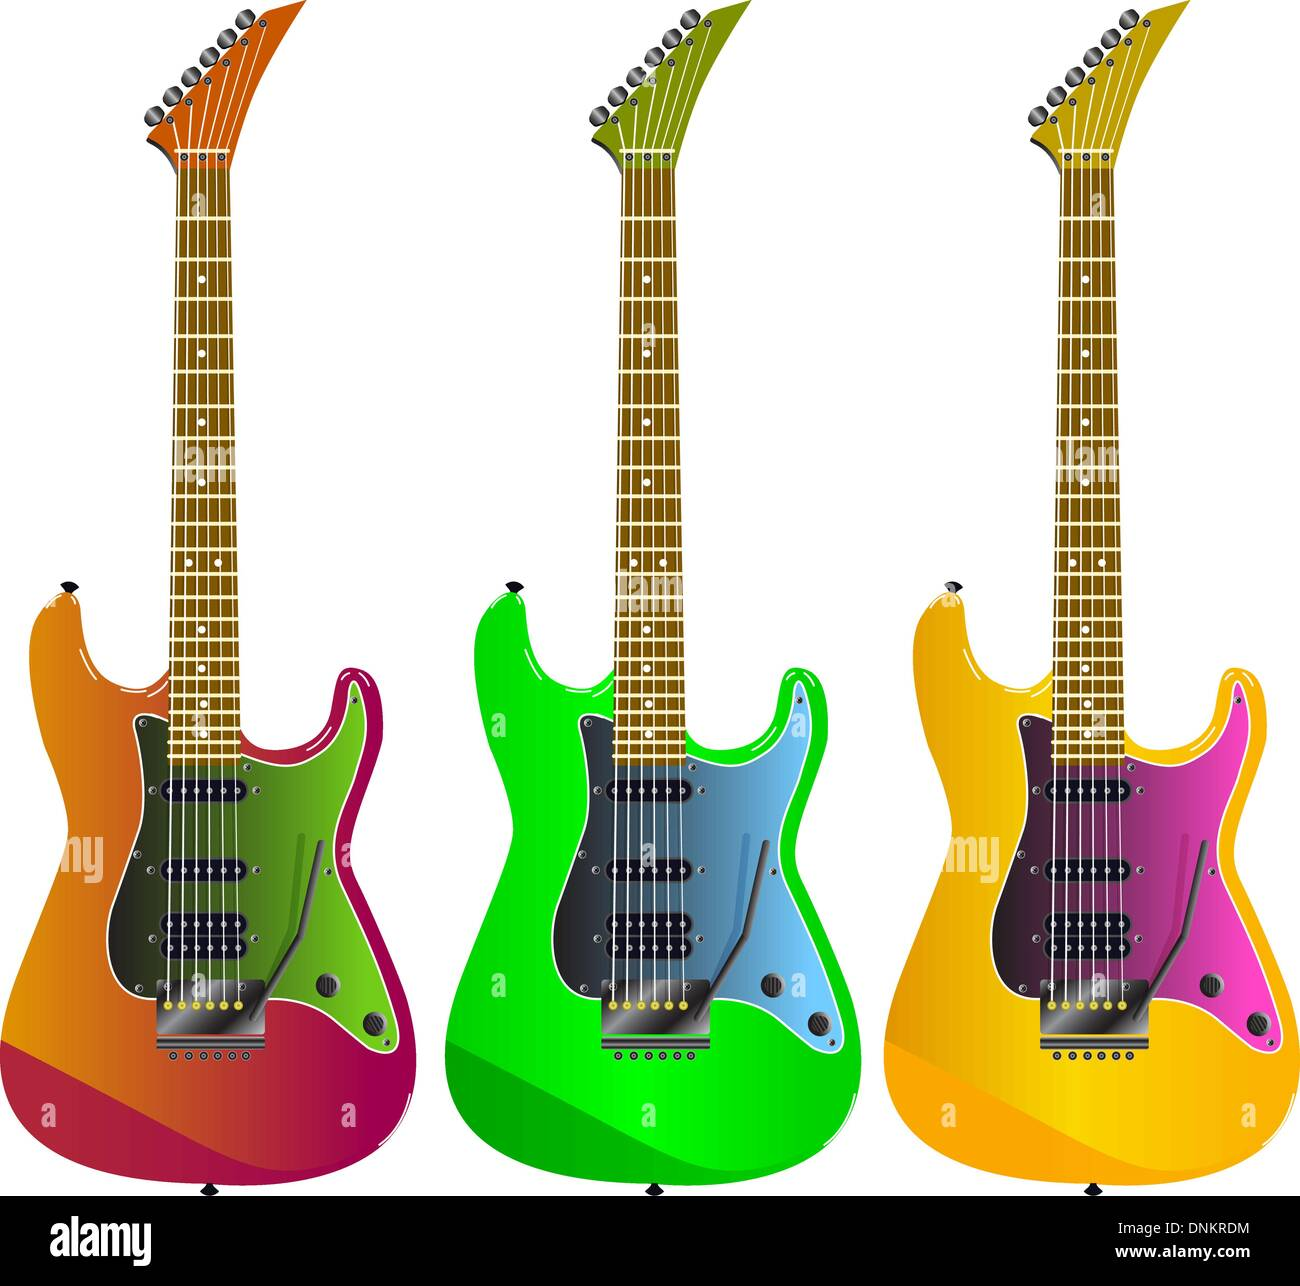 Chitarra elettrica su sfondo bianco Immagini Stock